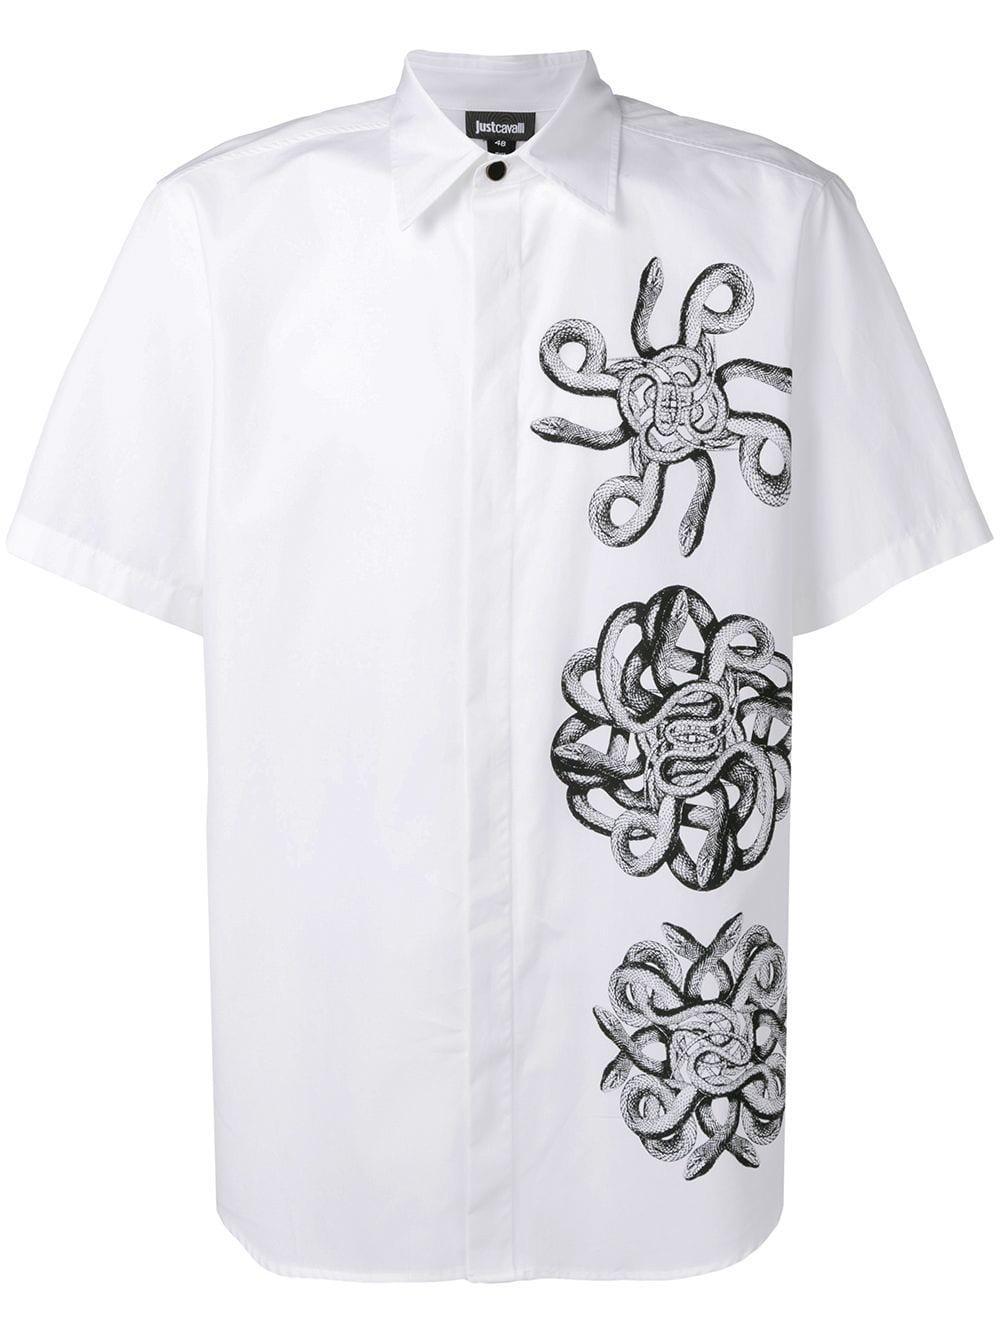 4678e4d7 Just Cavalli - White Snake Print Short-sleeve Shirt for Men - Lyst. View  fullscreen